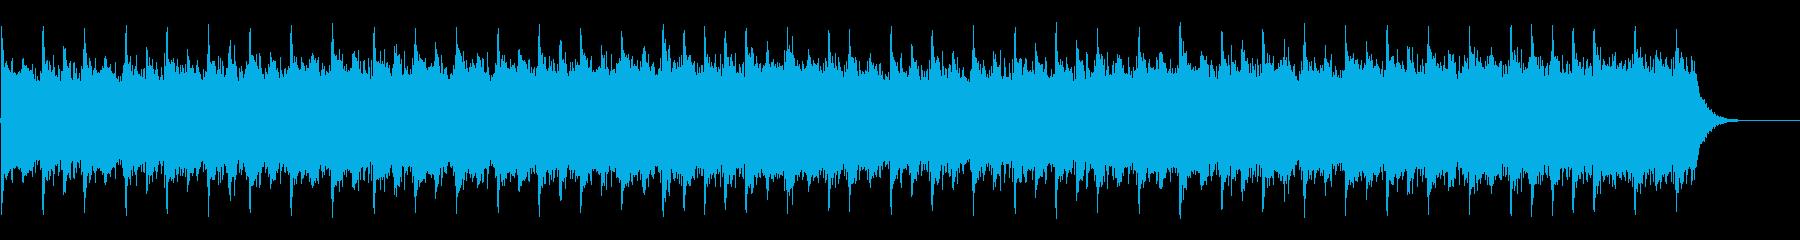 壮大緊迫 Epicオーケストラ リズム付の再生済みの波形